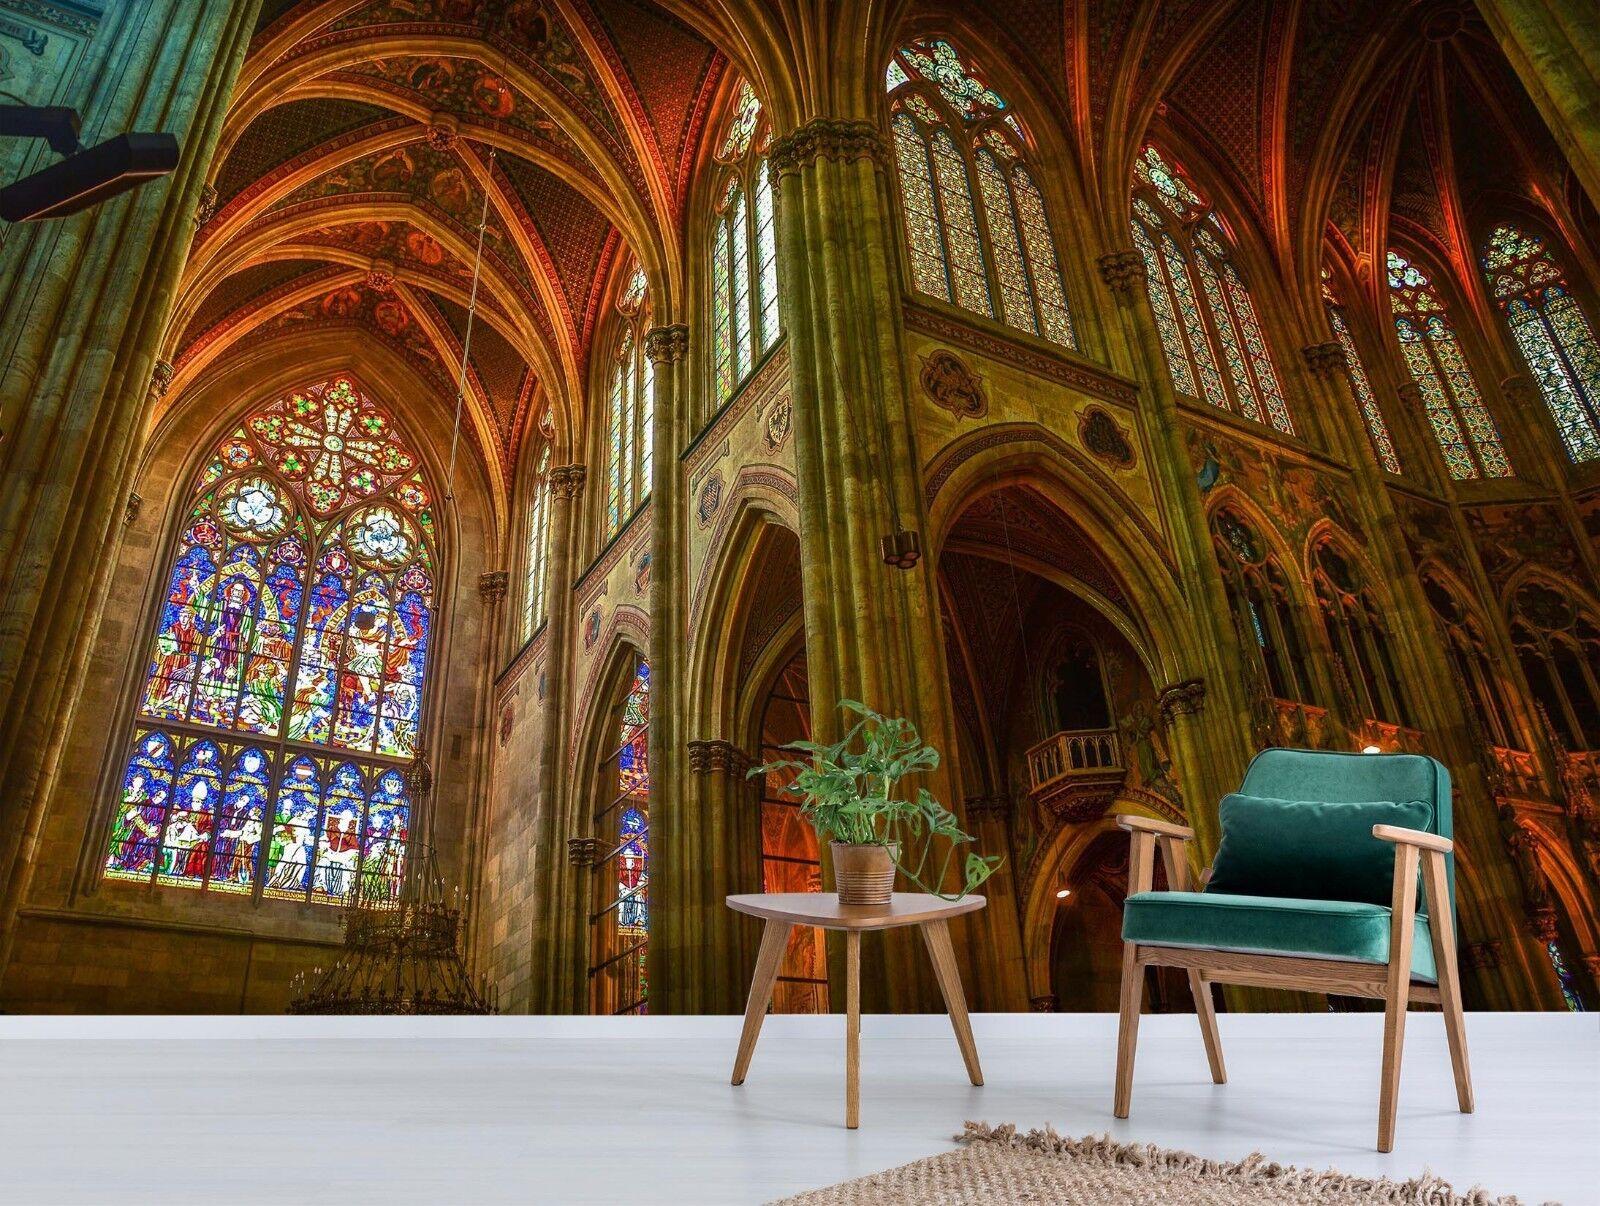 3D Palast Lobby 7092 Tapete Wandgemälde Tapete Tapeten Bild Familie DE Sidney